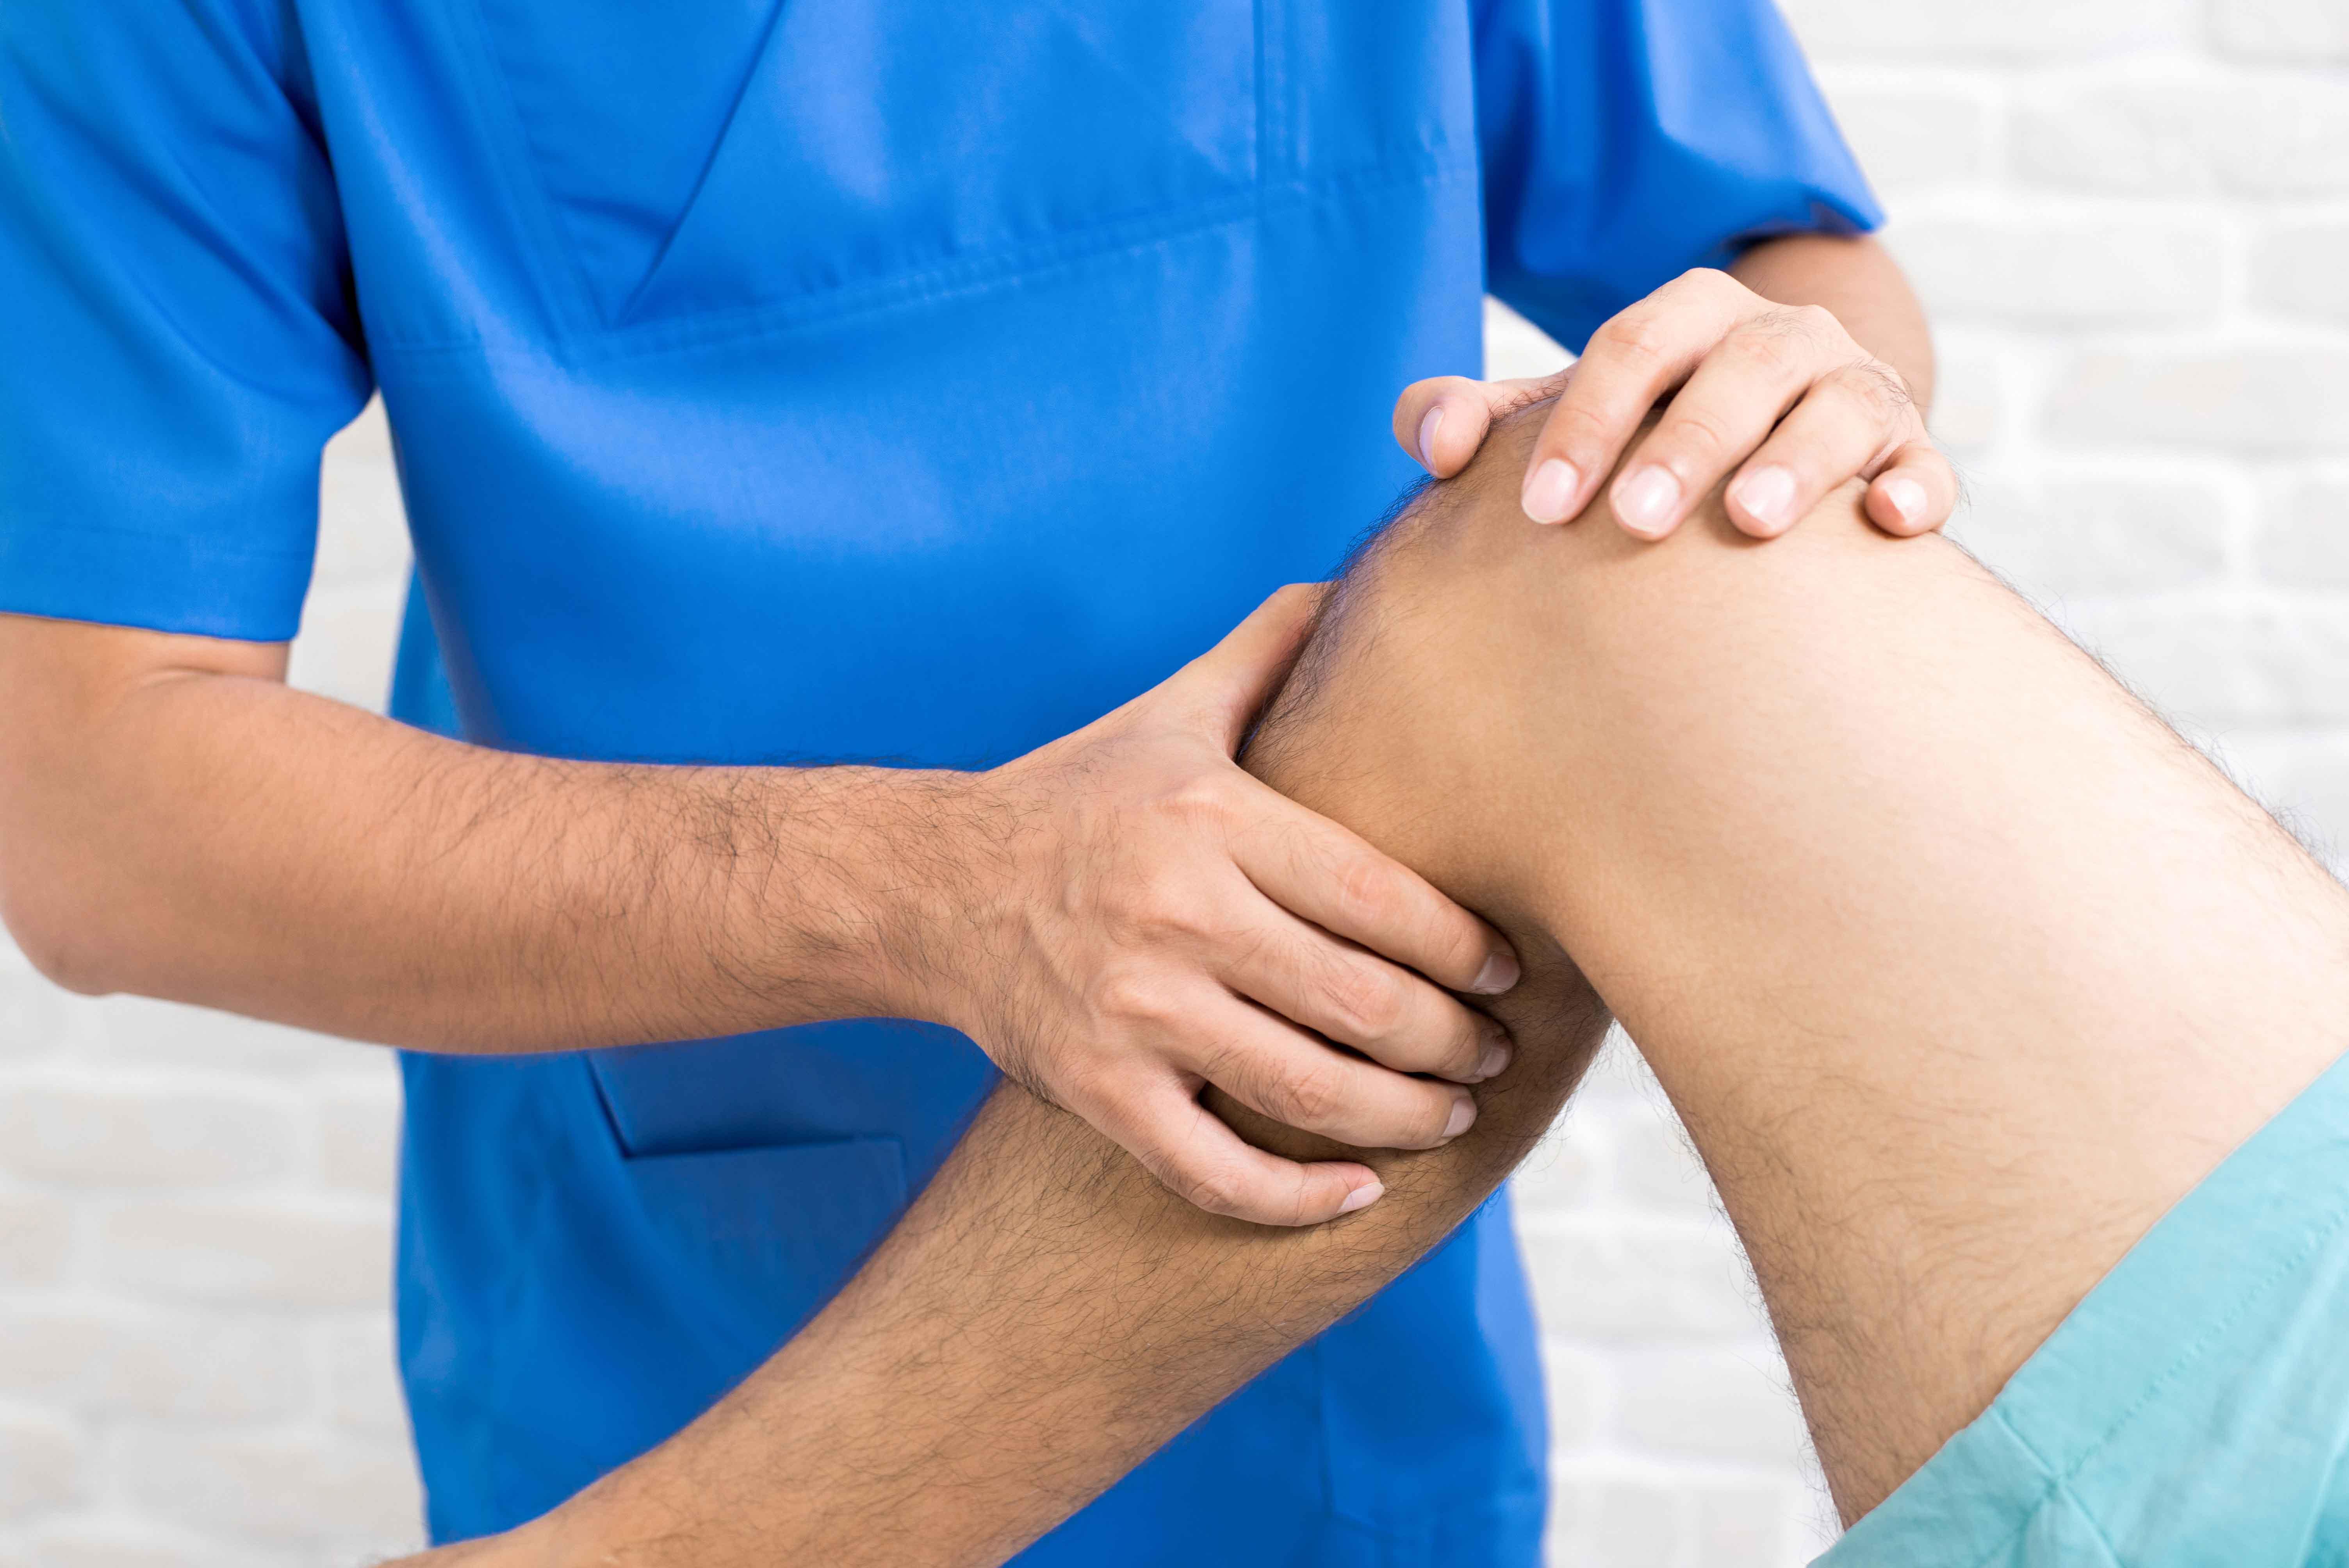 Rehabilitación de rodilla en movimiento